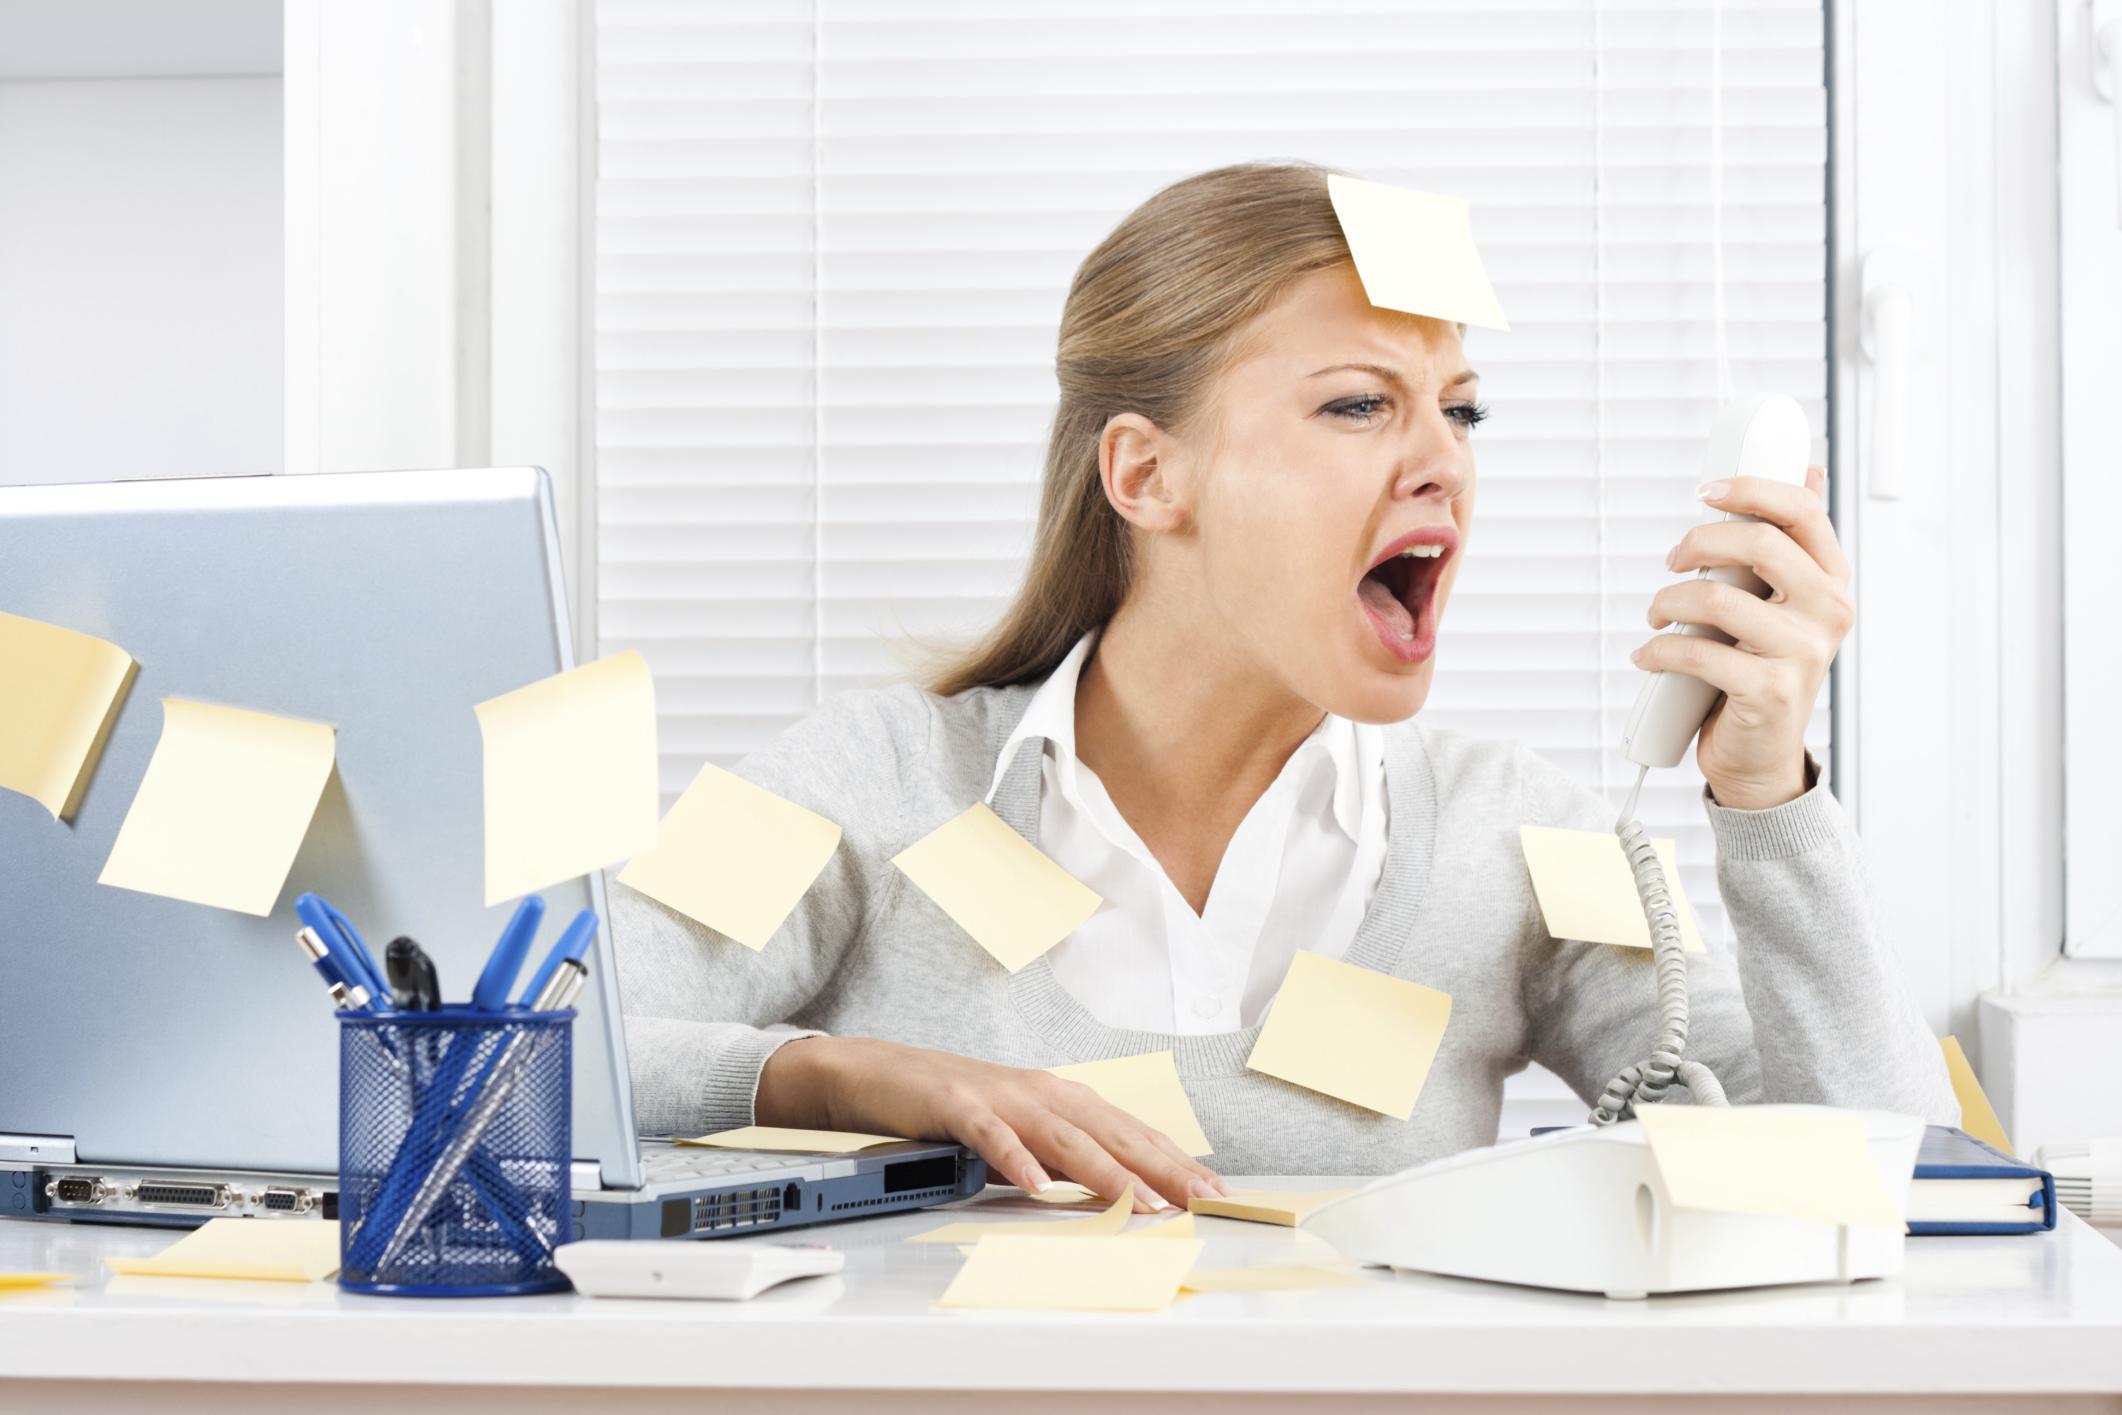 Стресс: откуда он берется и как с ним бороться?